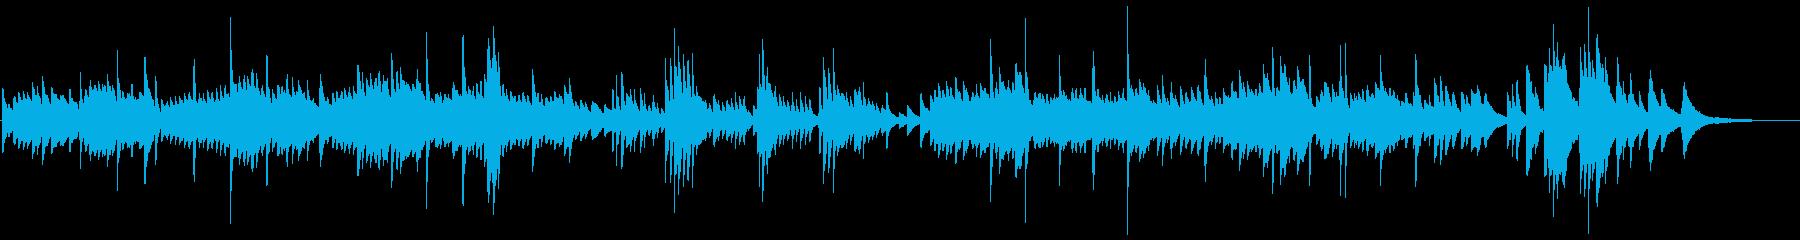 やさしく美しい音色のピアノ音楽の再生済みの波形